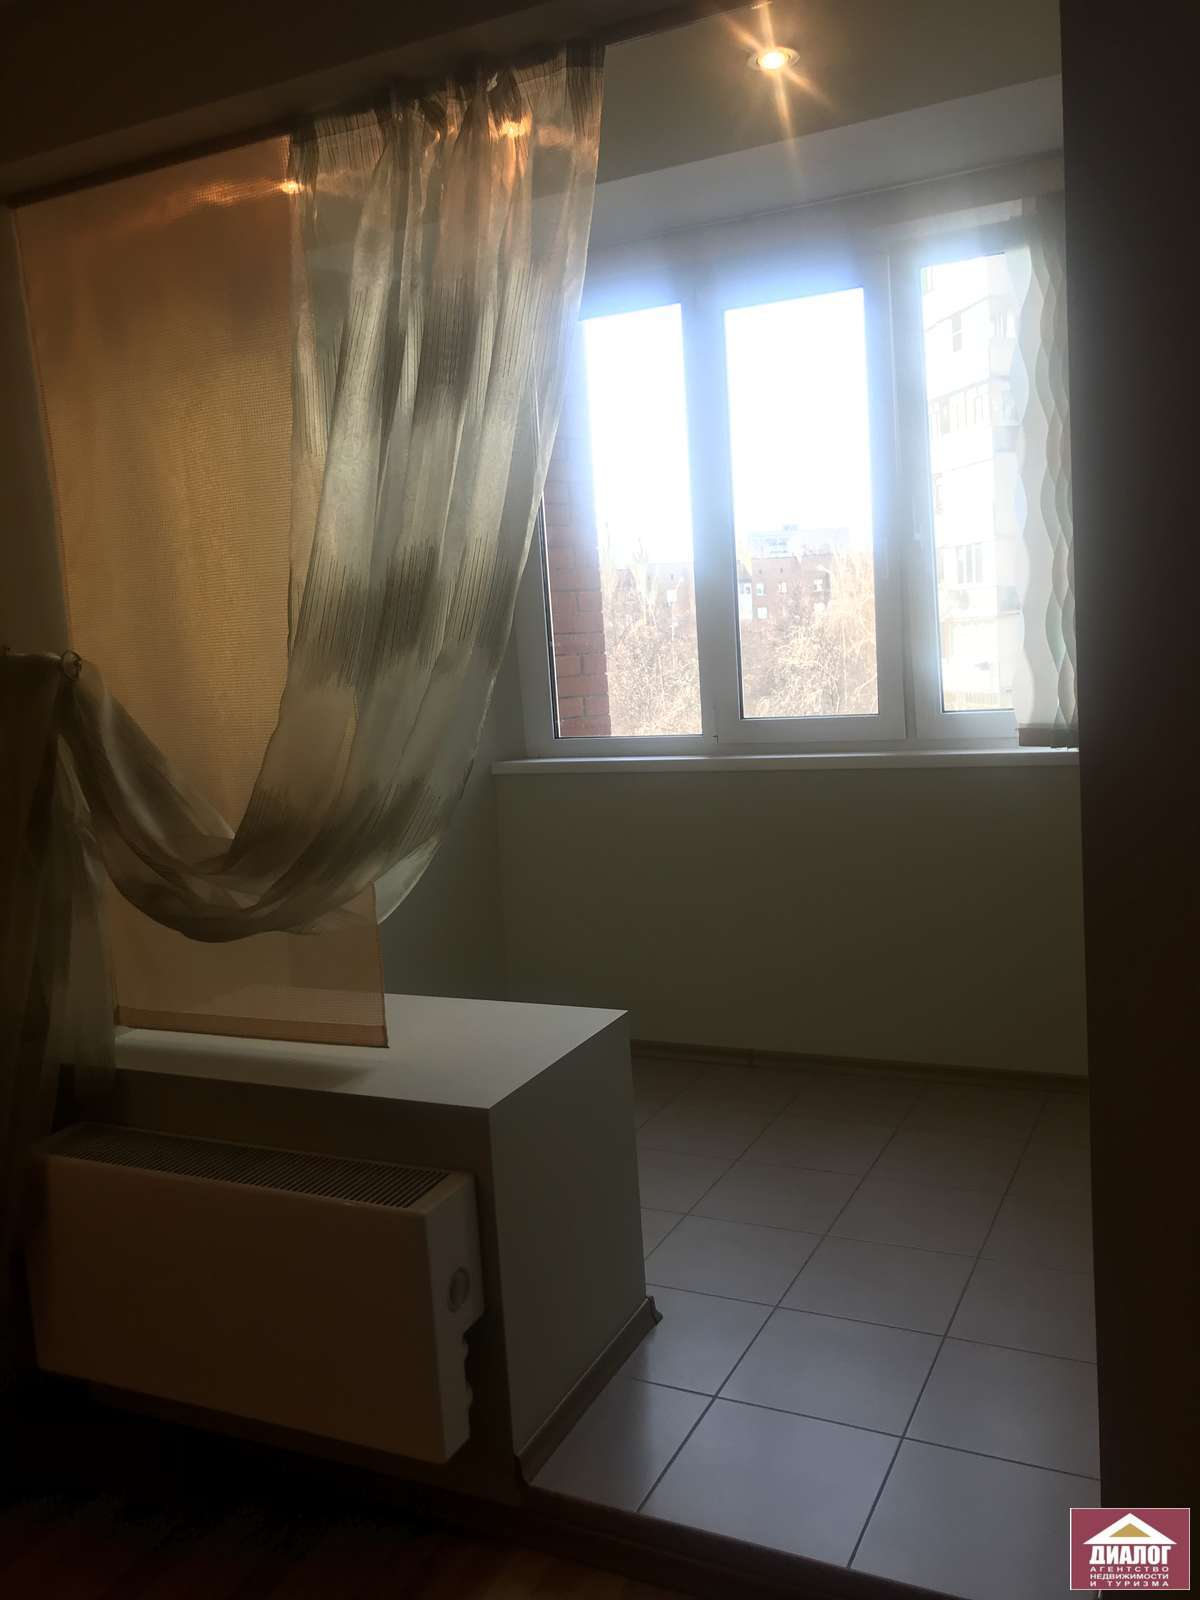 Продажа 3-комнатной квартиры, г. Тольятти, Ворошилова улица  дом 69